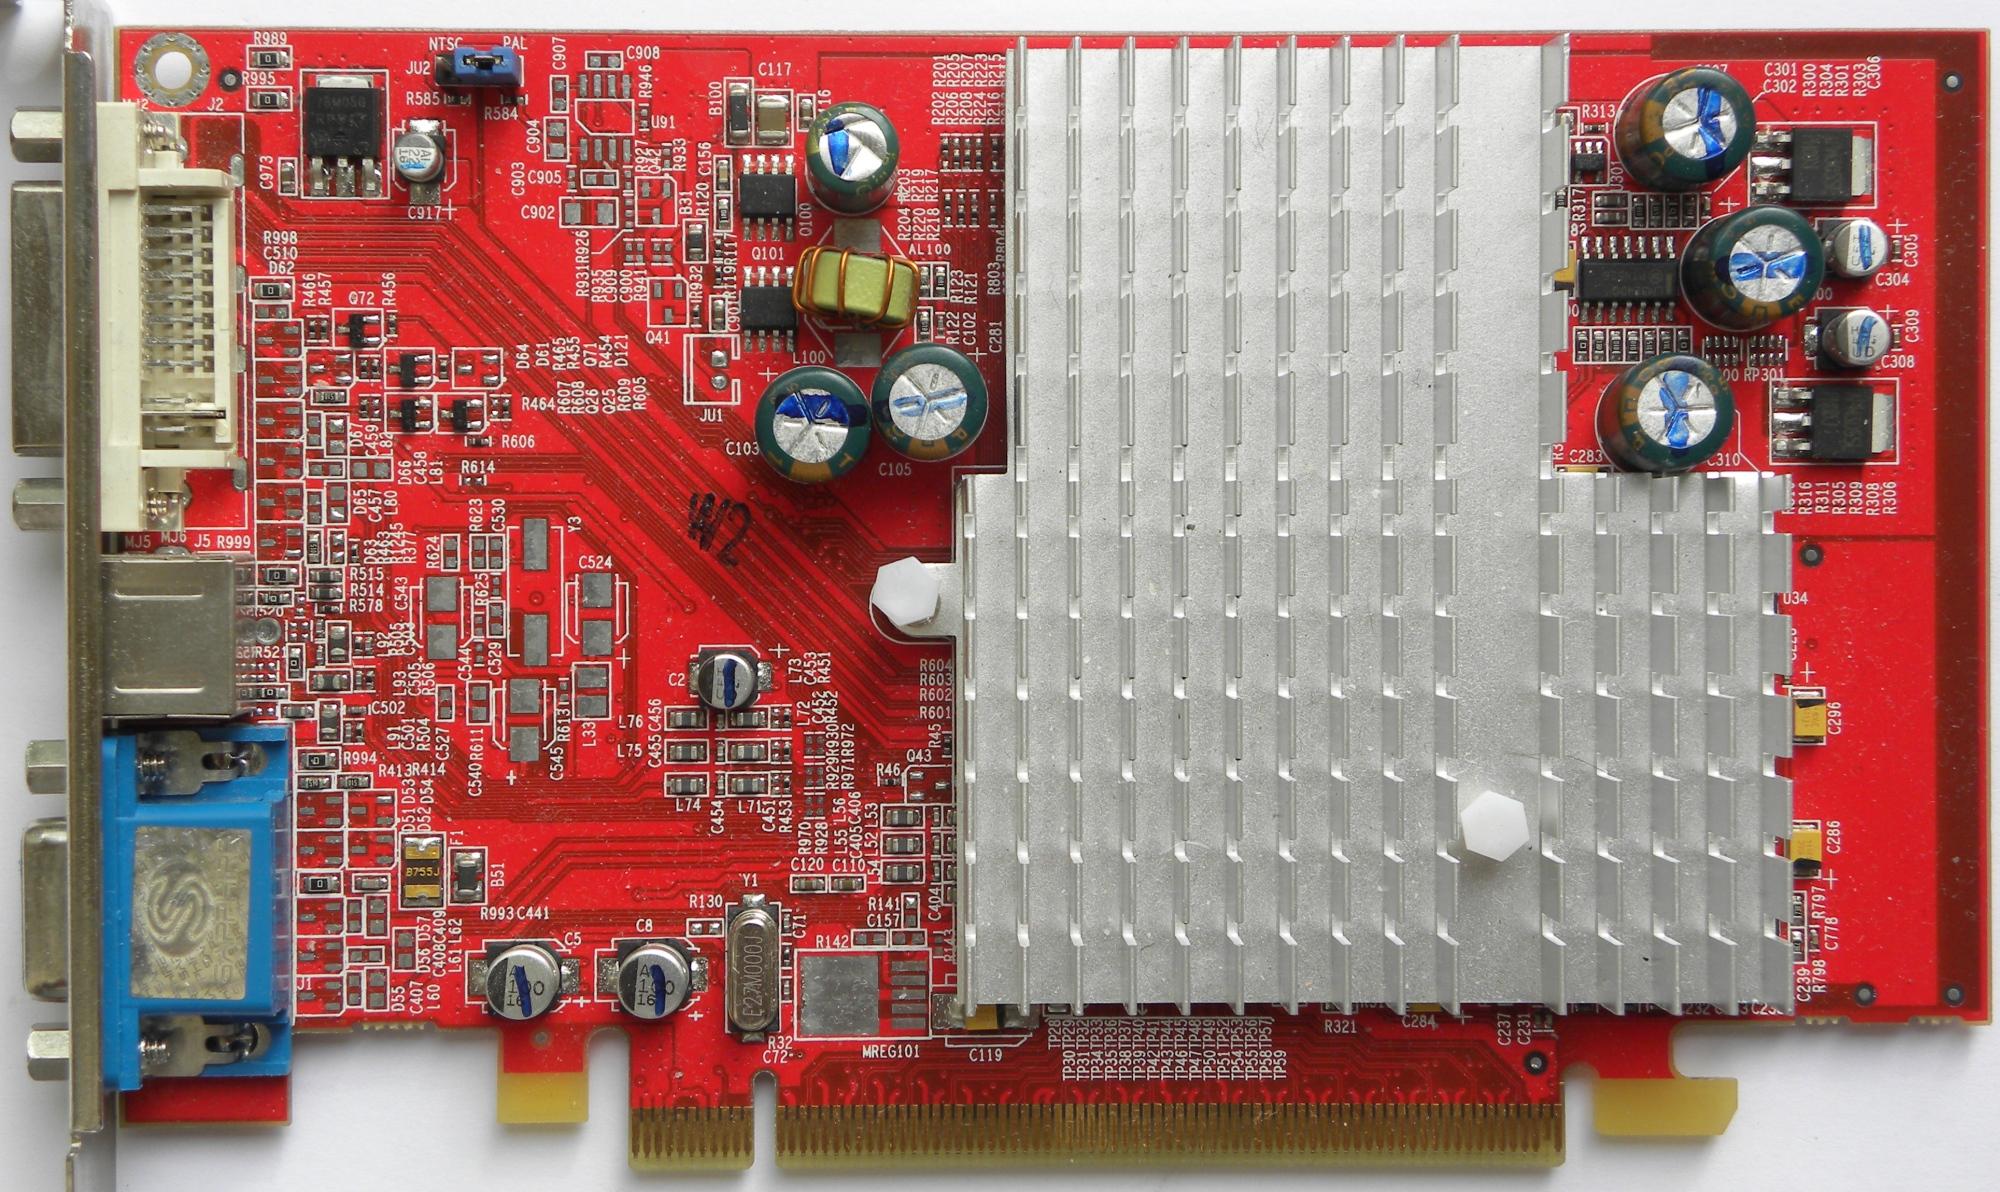 Ati Radeon X550